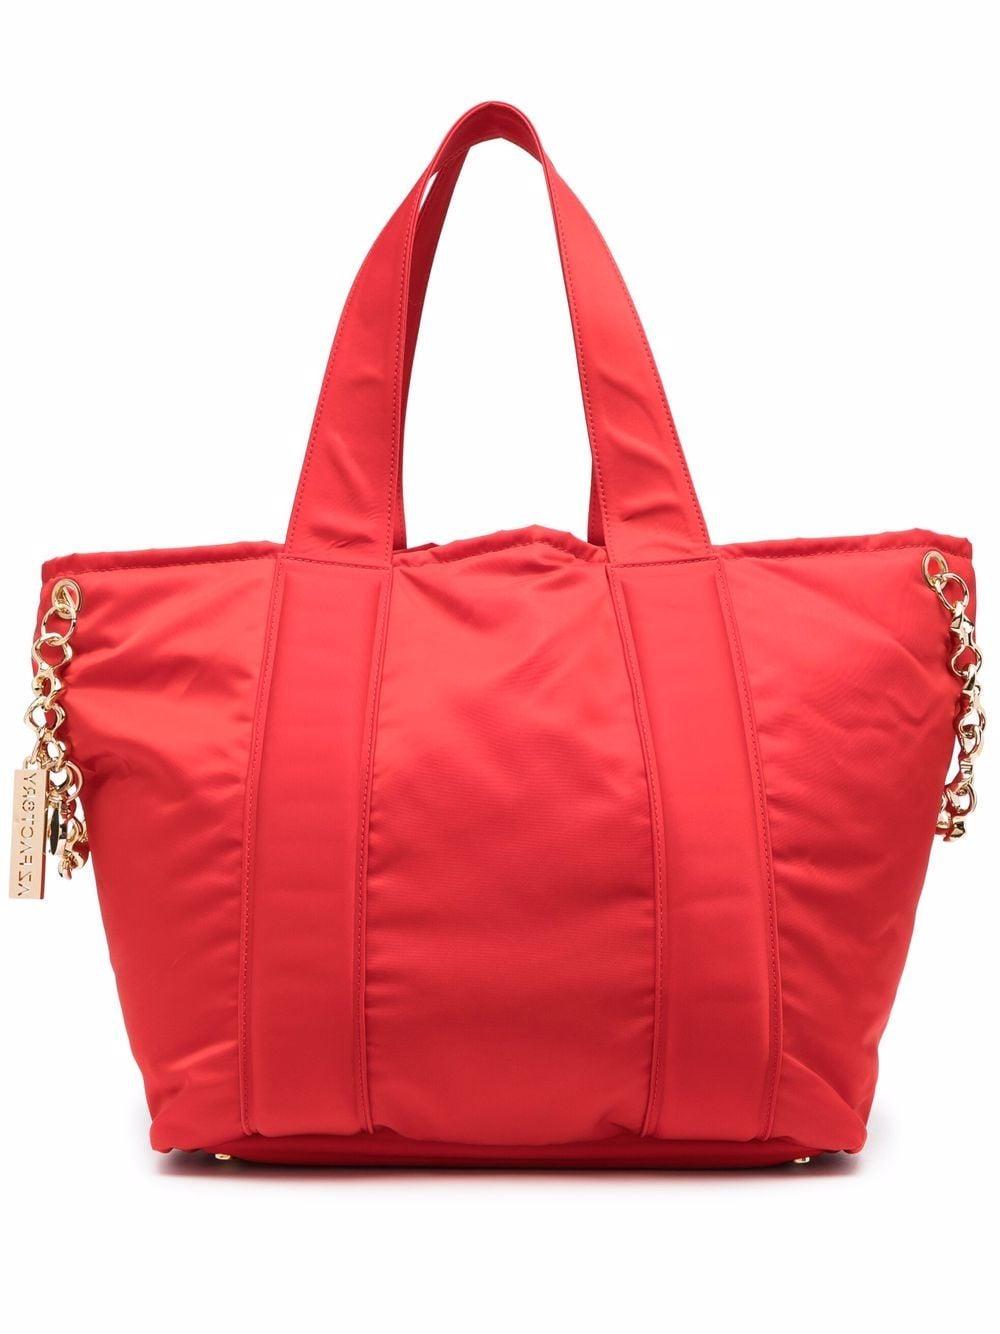 AZ FACTORY Hugging Handtasche - Rot